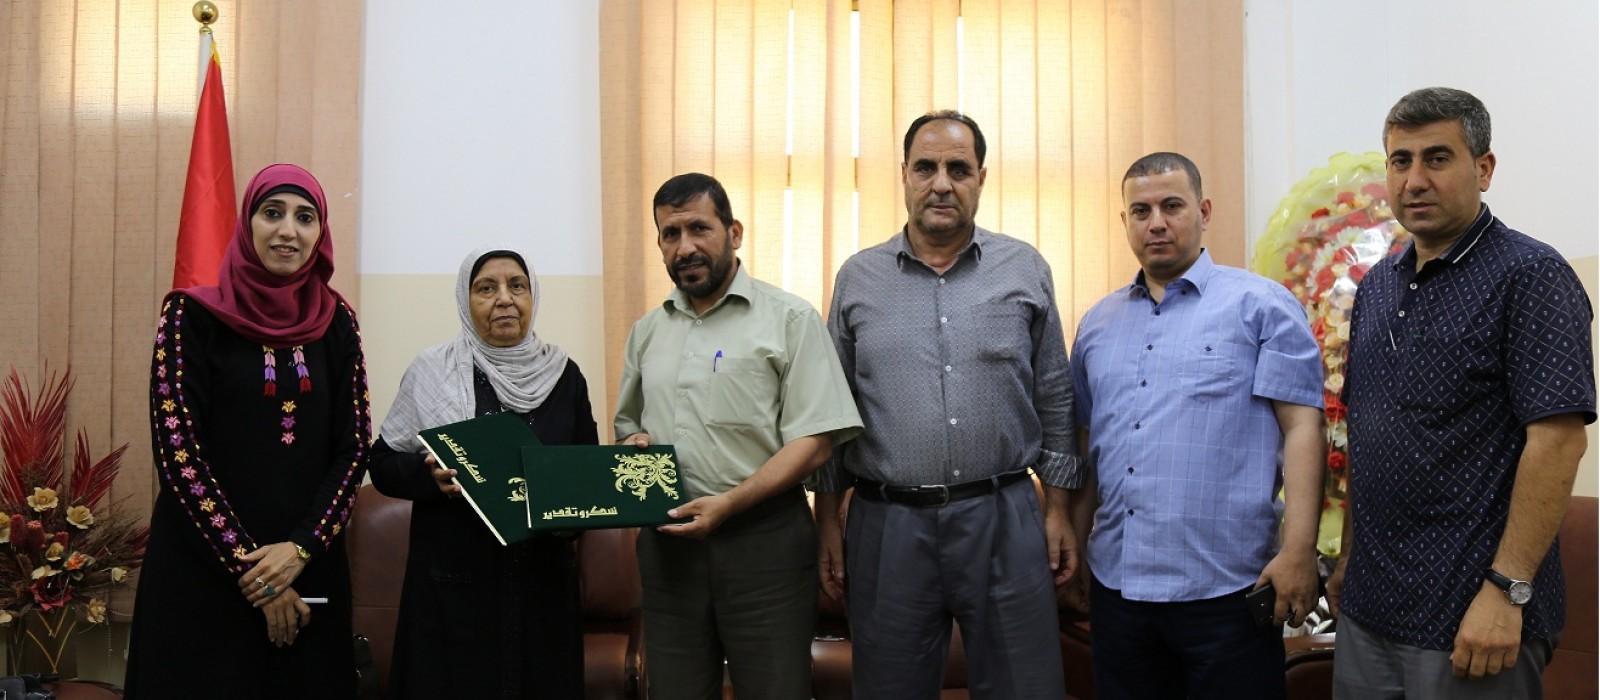 توقيع اتفاقية انشاء فصول دراسية جديدة بمدرسة القدس الثانوية للبنات بمحافظة رفح